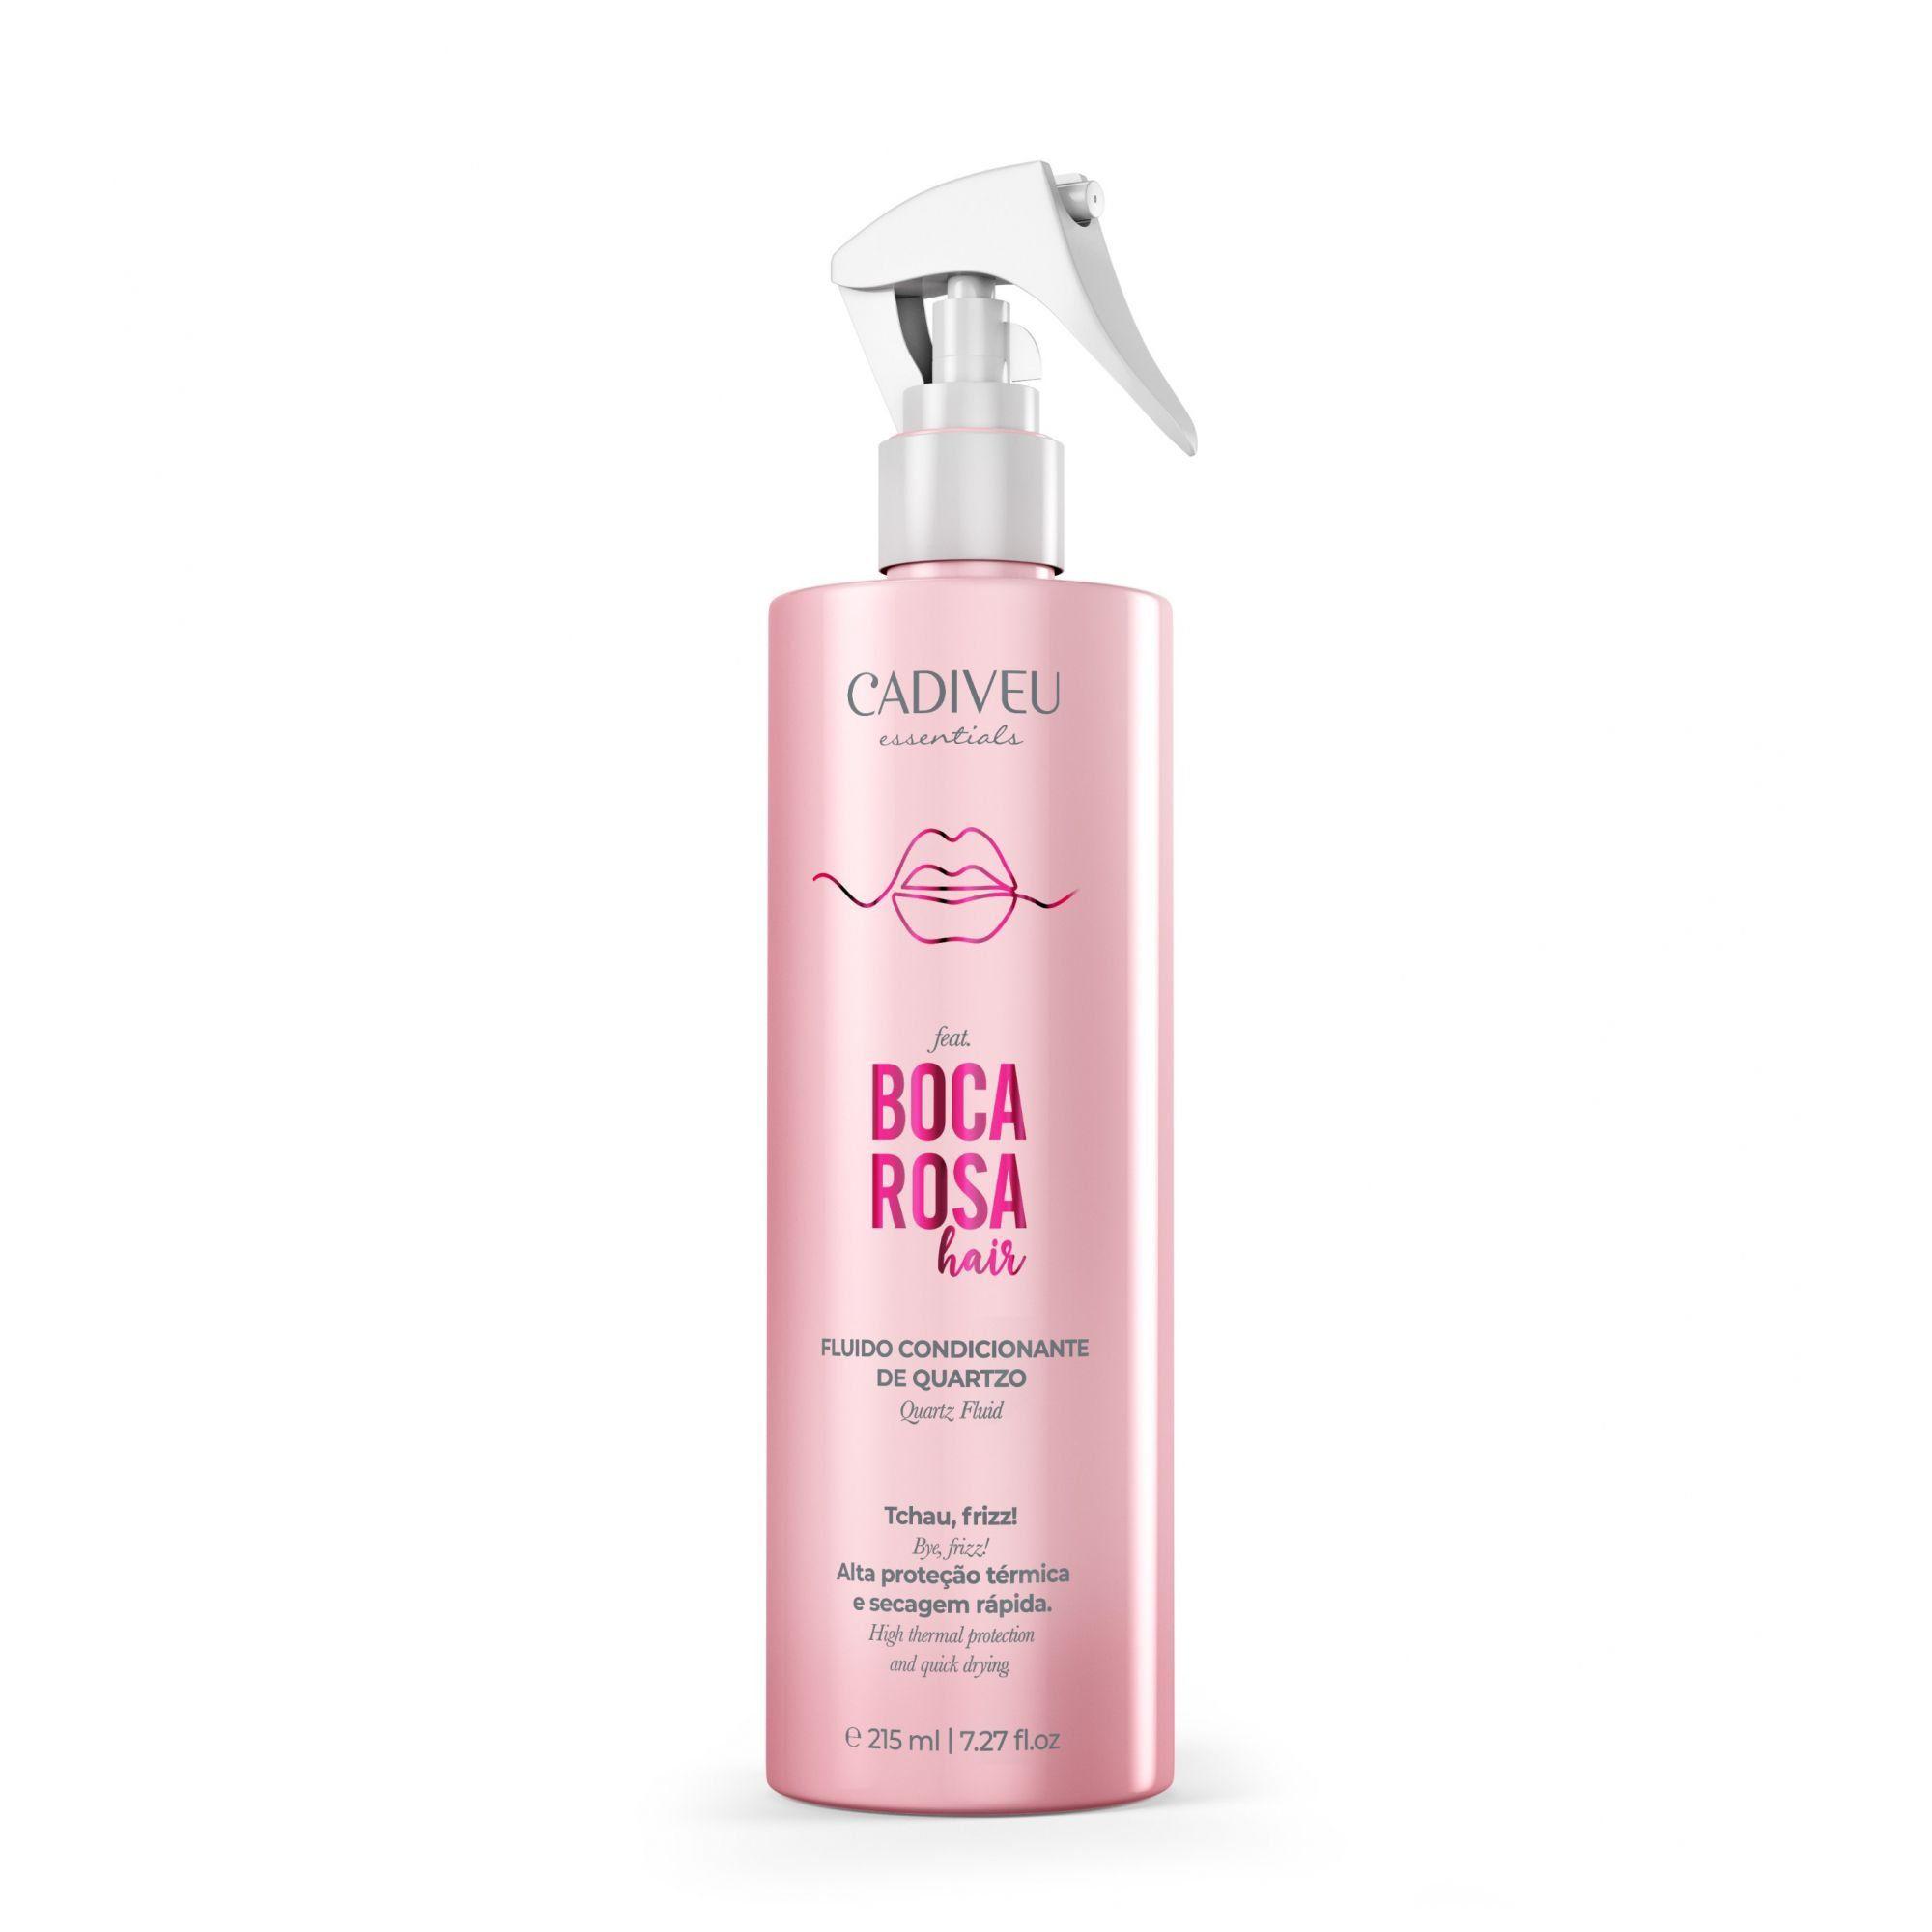 Cadiveu Boca Rosa Hair Fluído Condicionante de Quartzo - 215ml